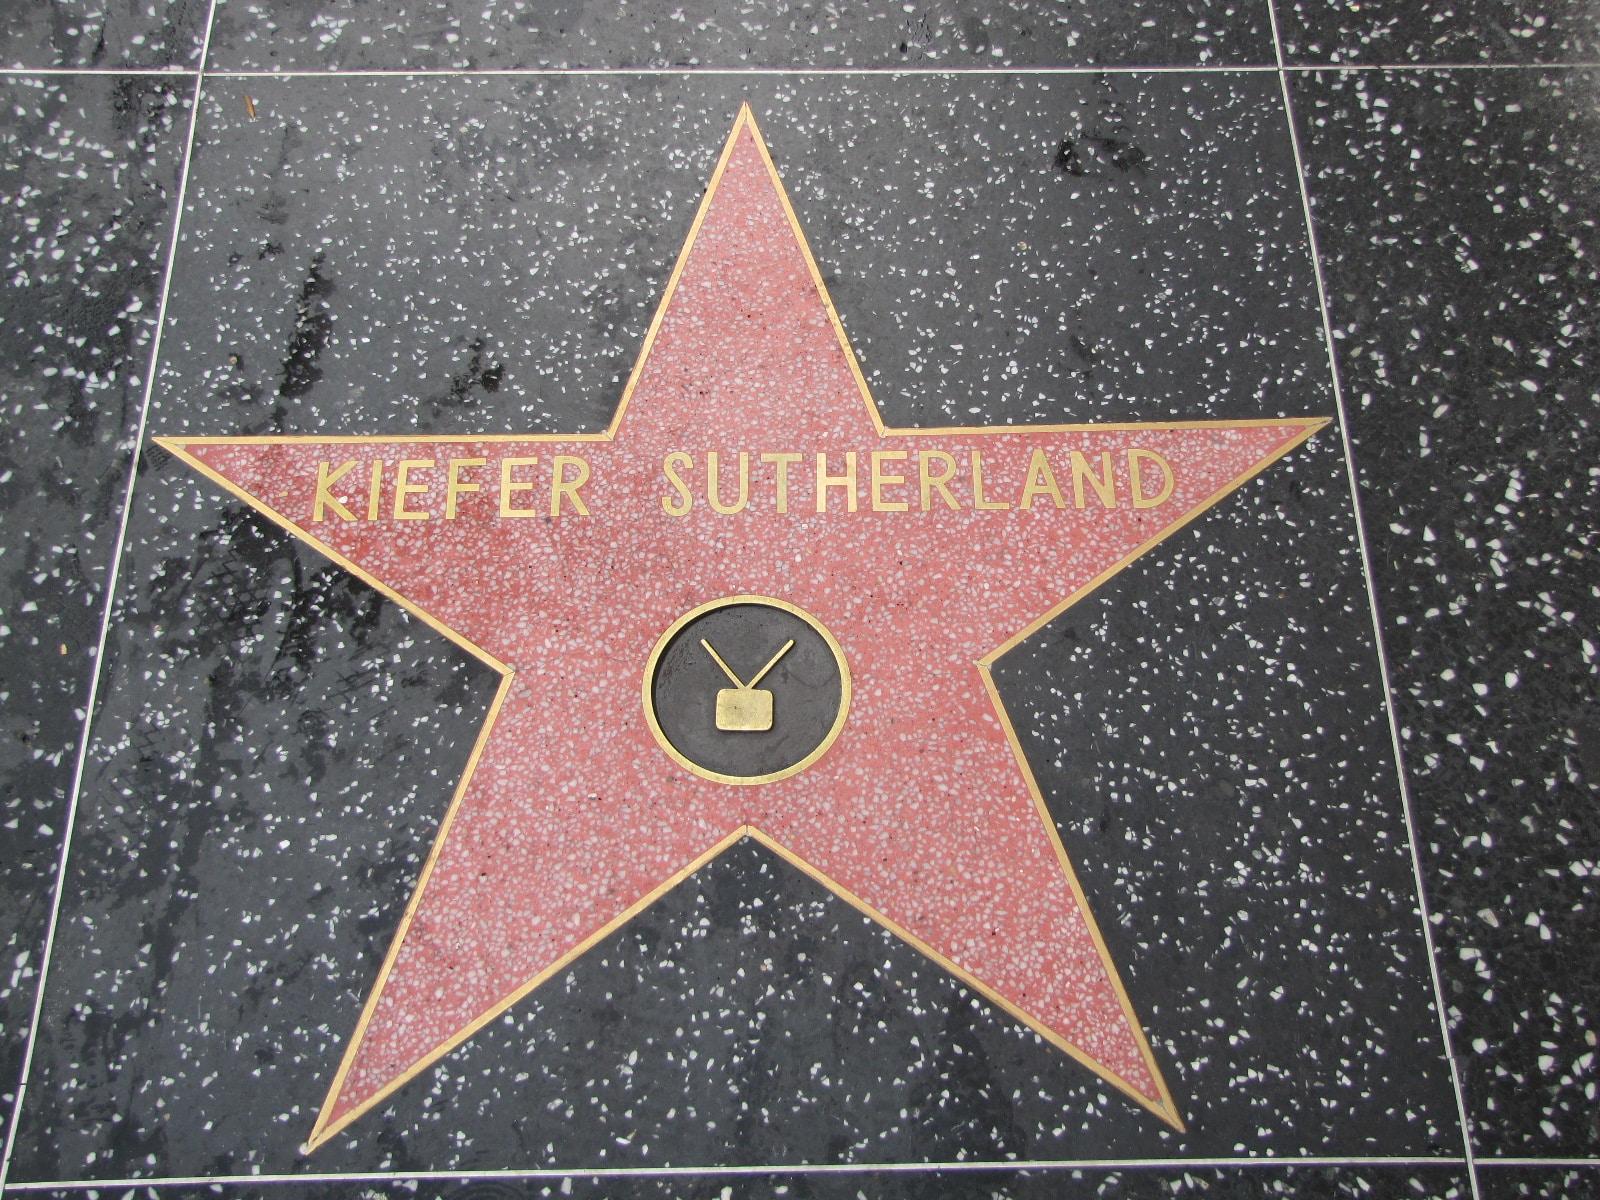 l'étoile de Kiefer Sutherland pour les fans